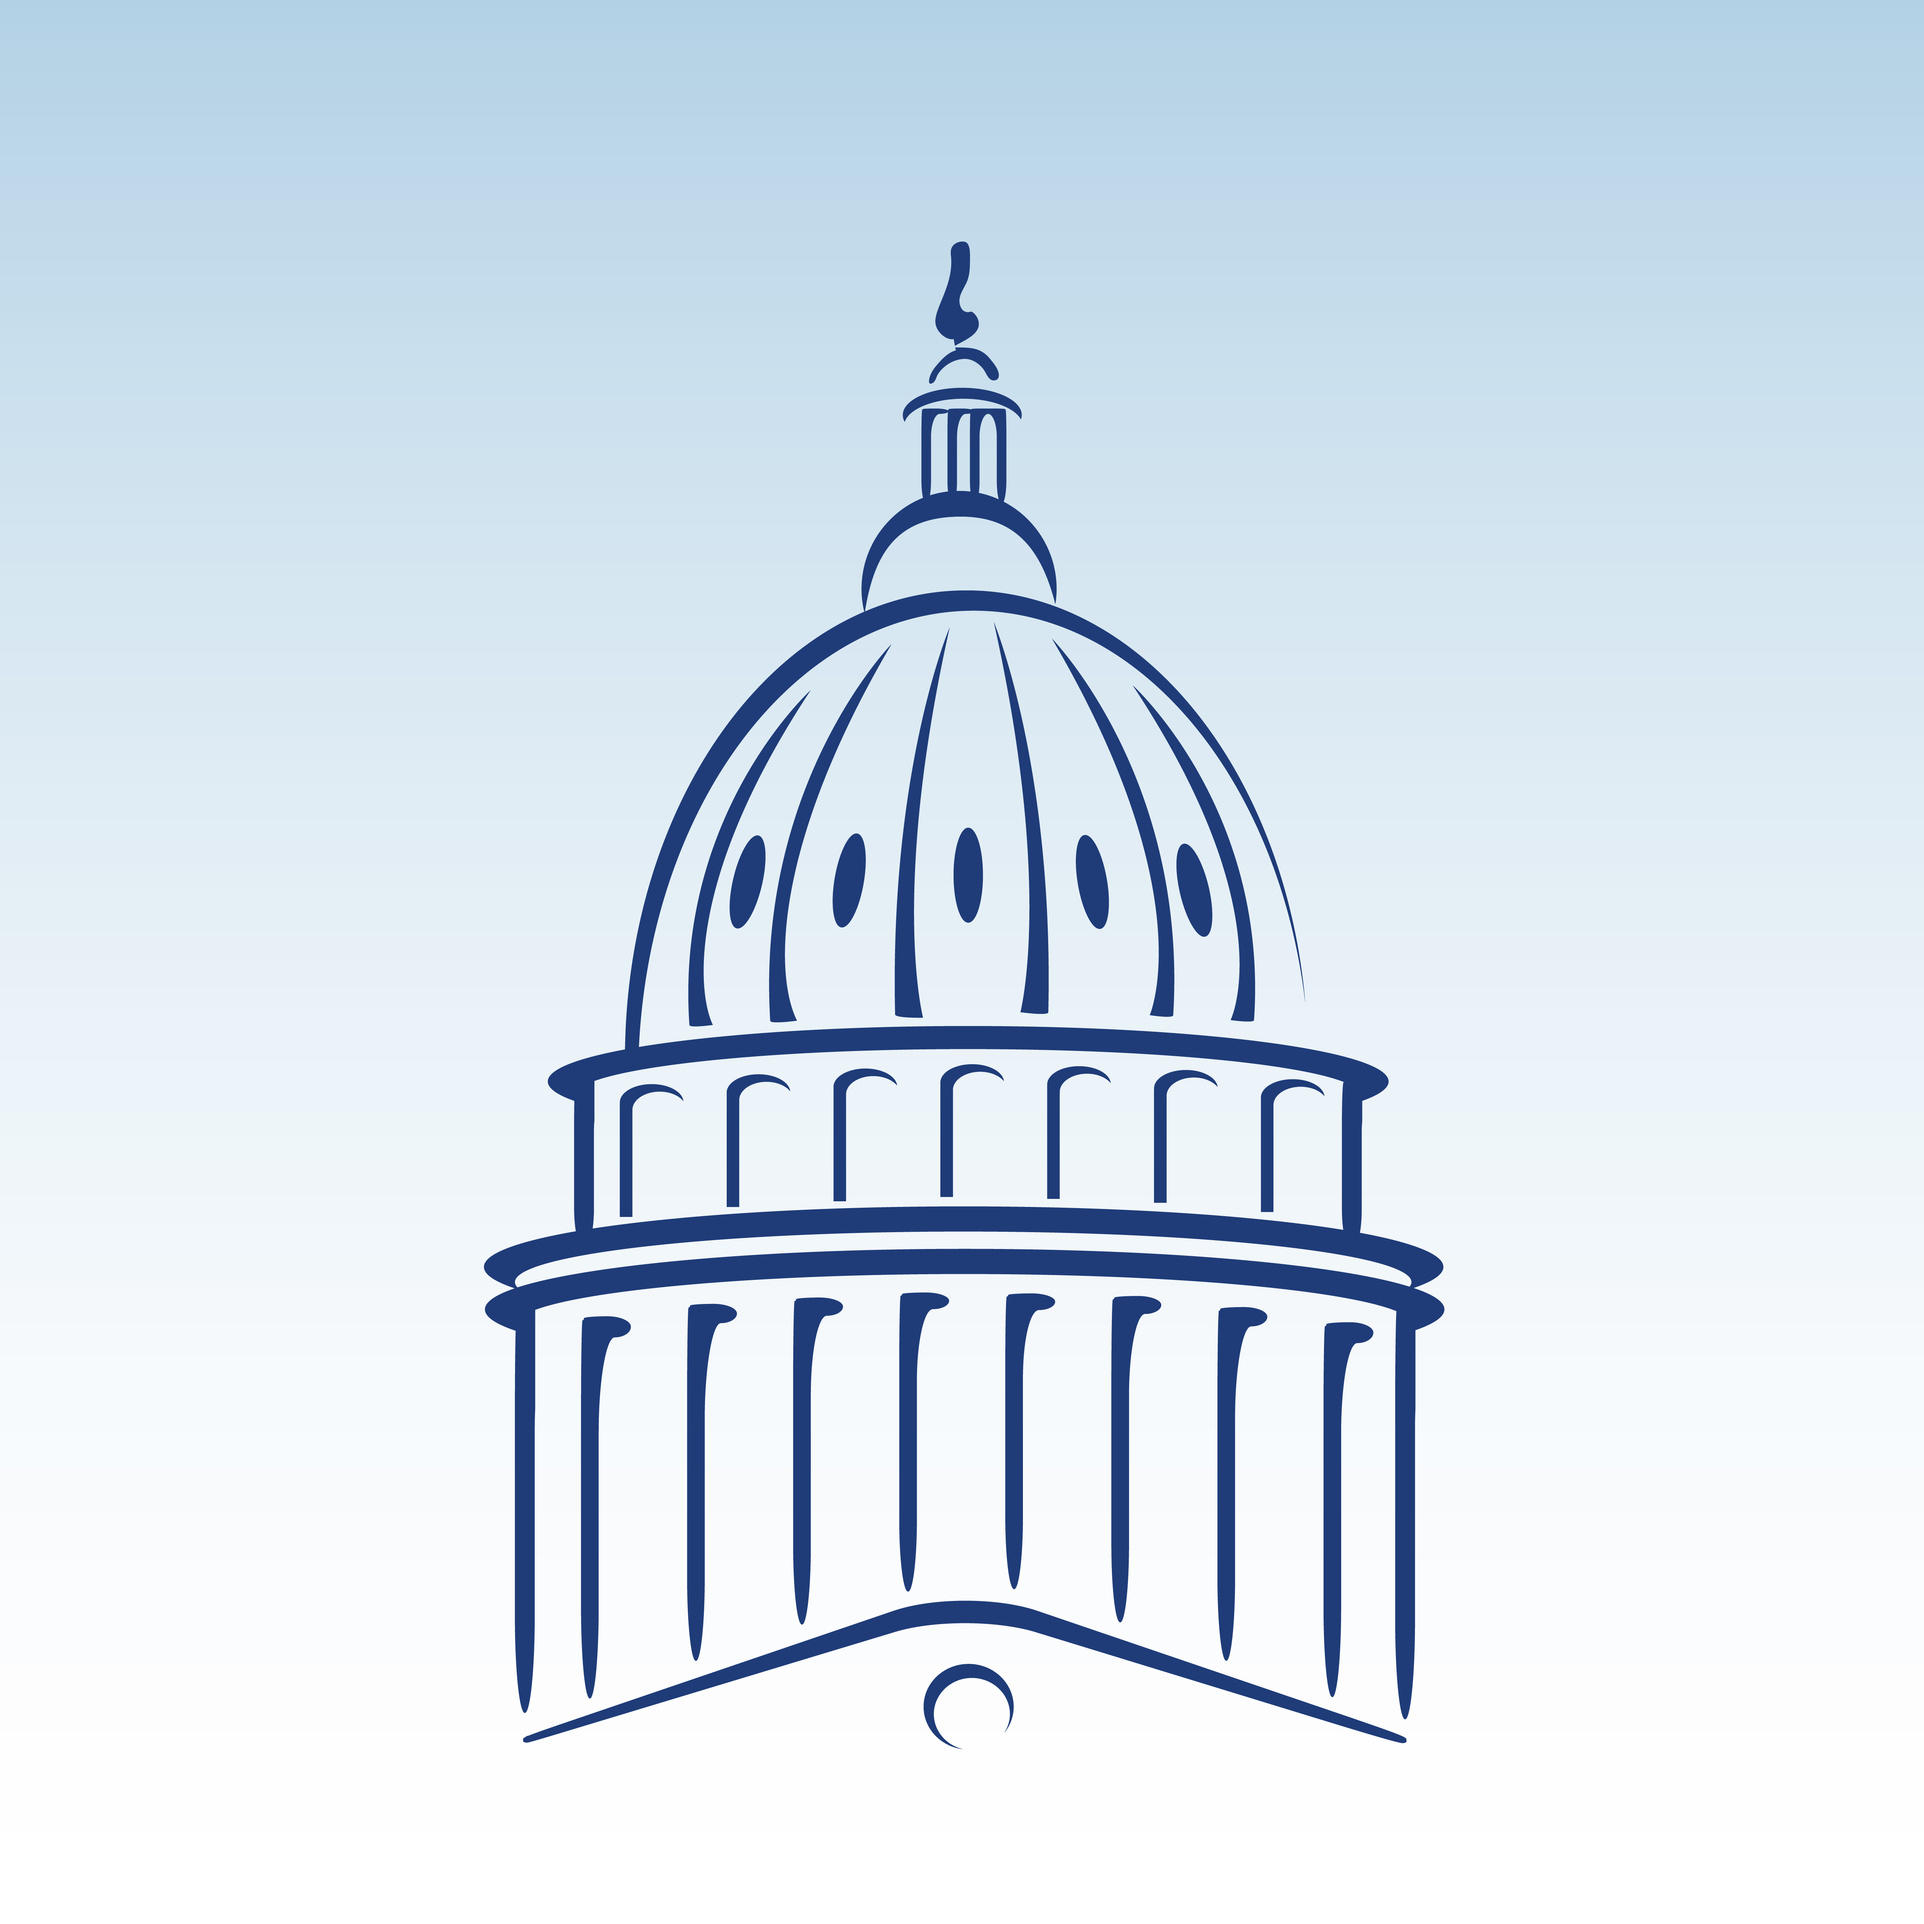 Congress Clipart